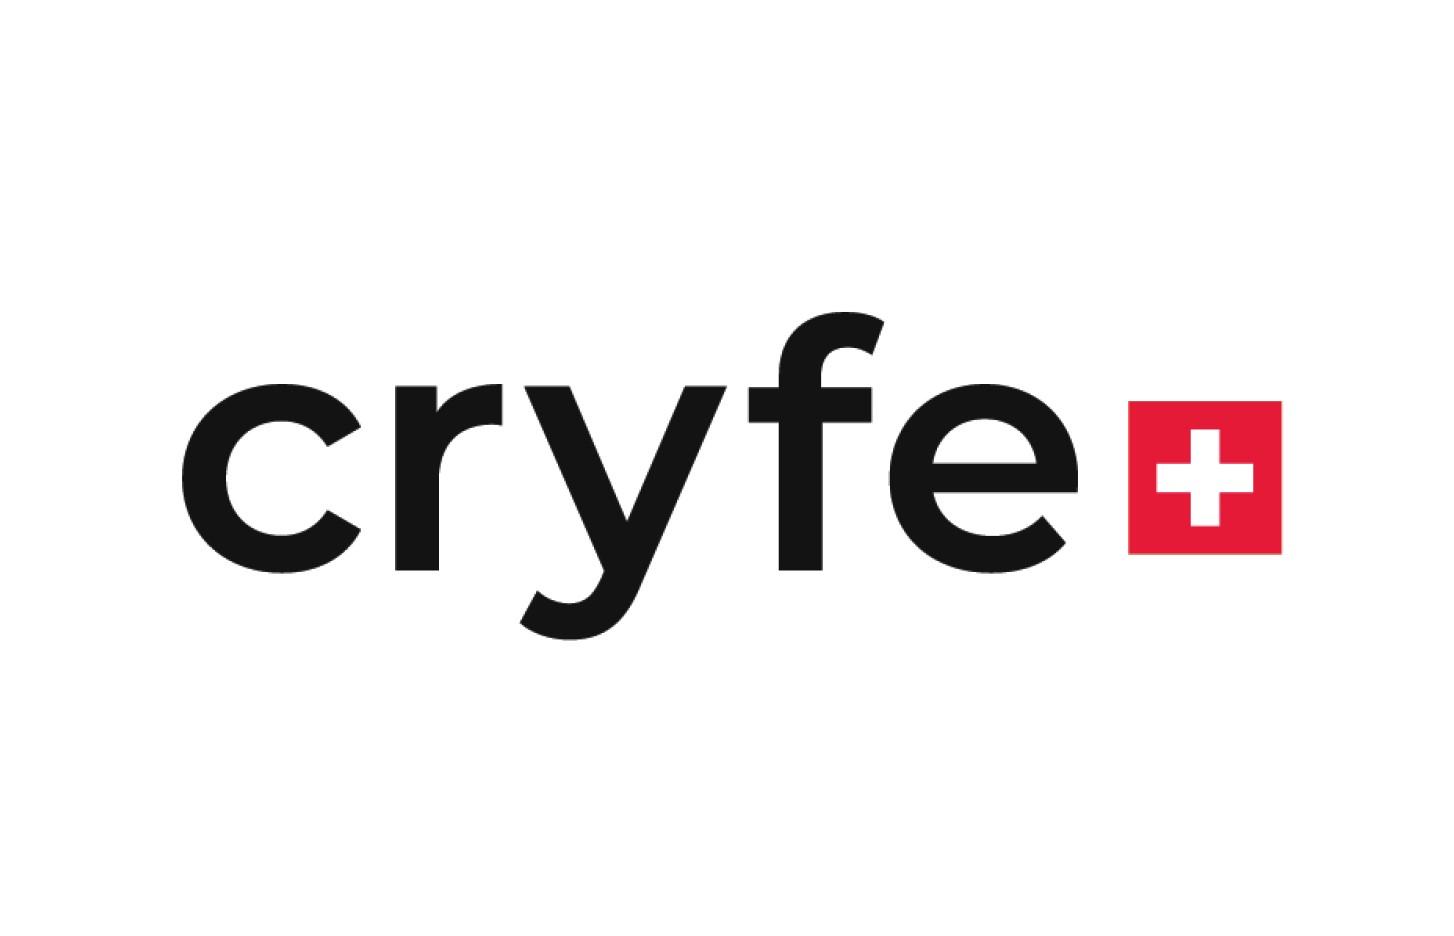 cyrfe